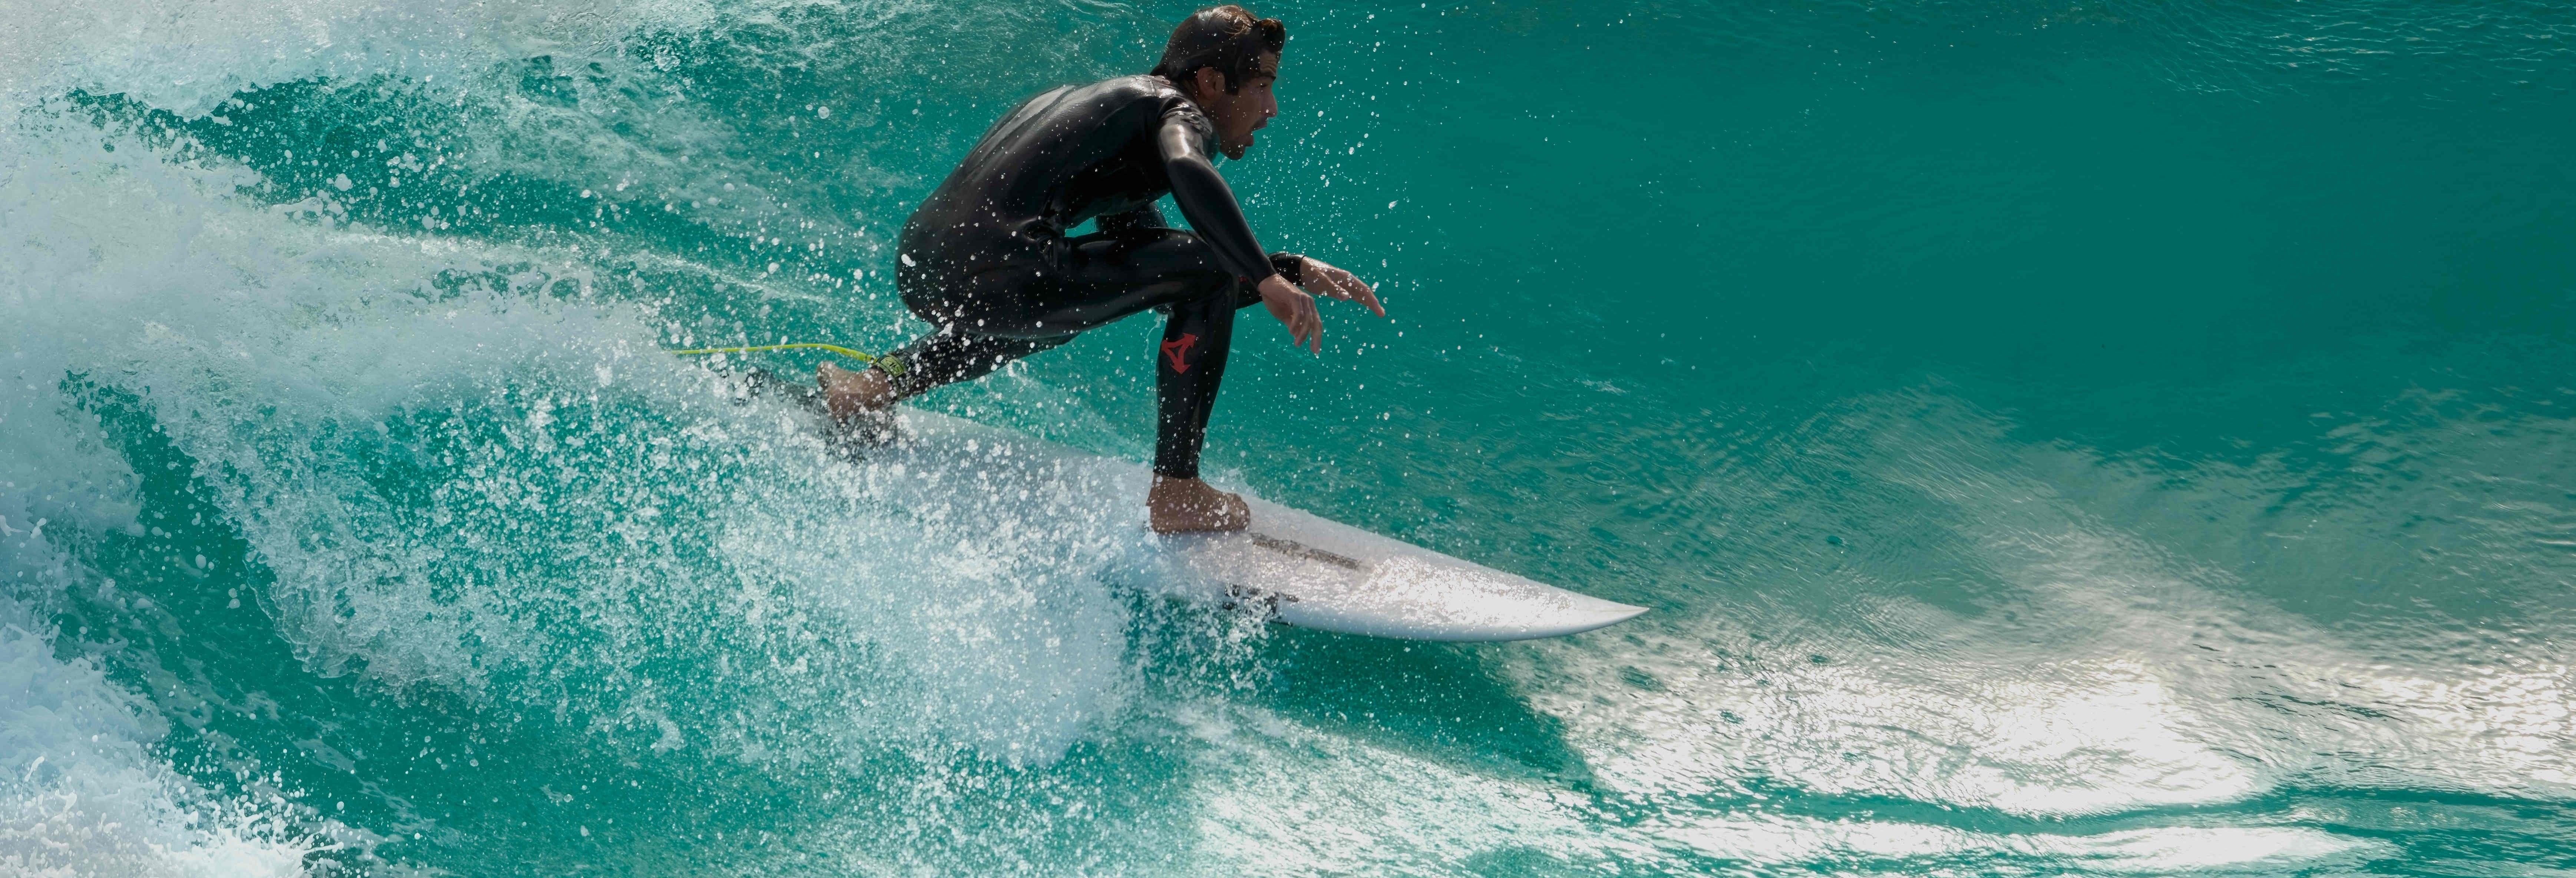 Curso de surf en Conil de la Frontera